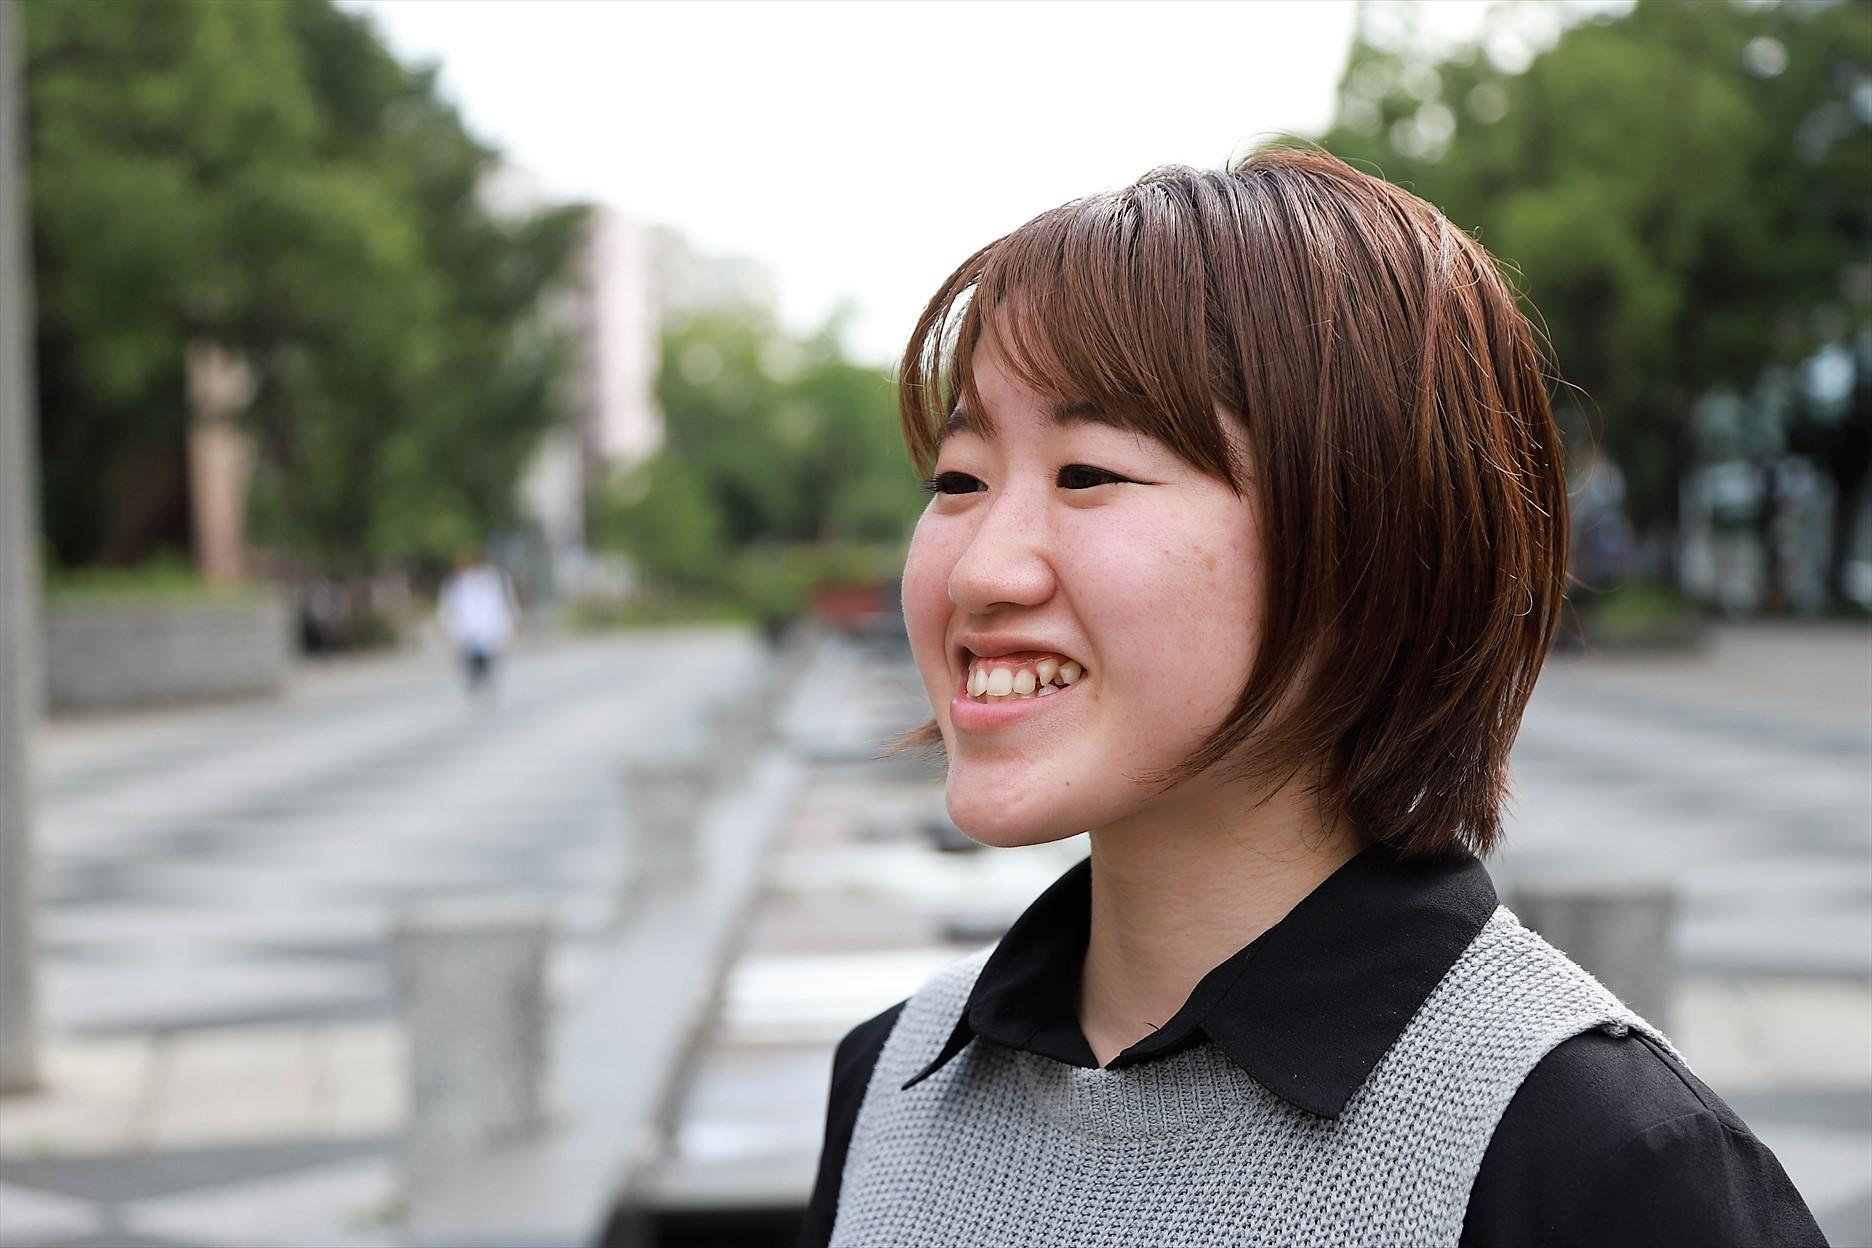 http://interviewer69.com/IMG_9114_R.JPG